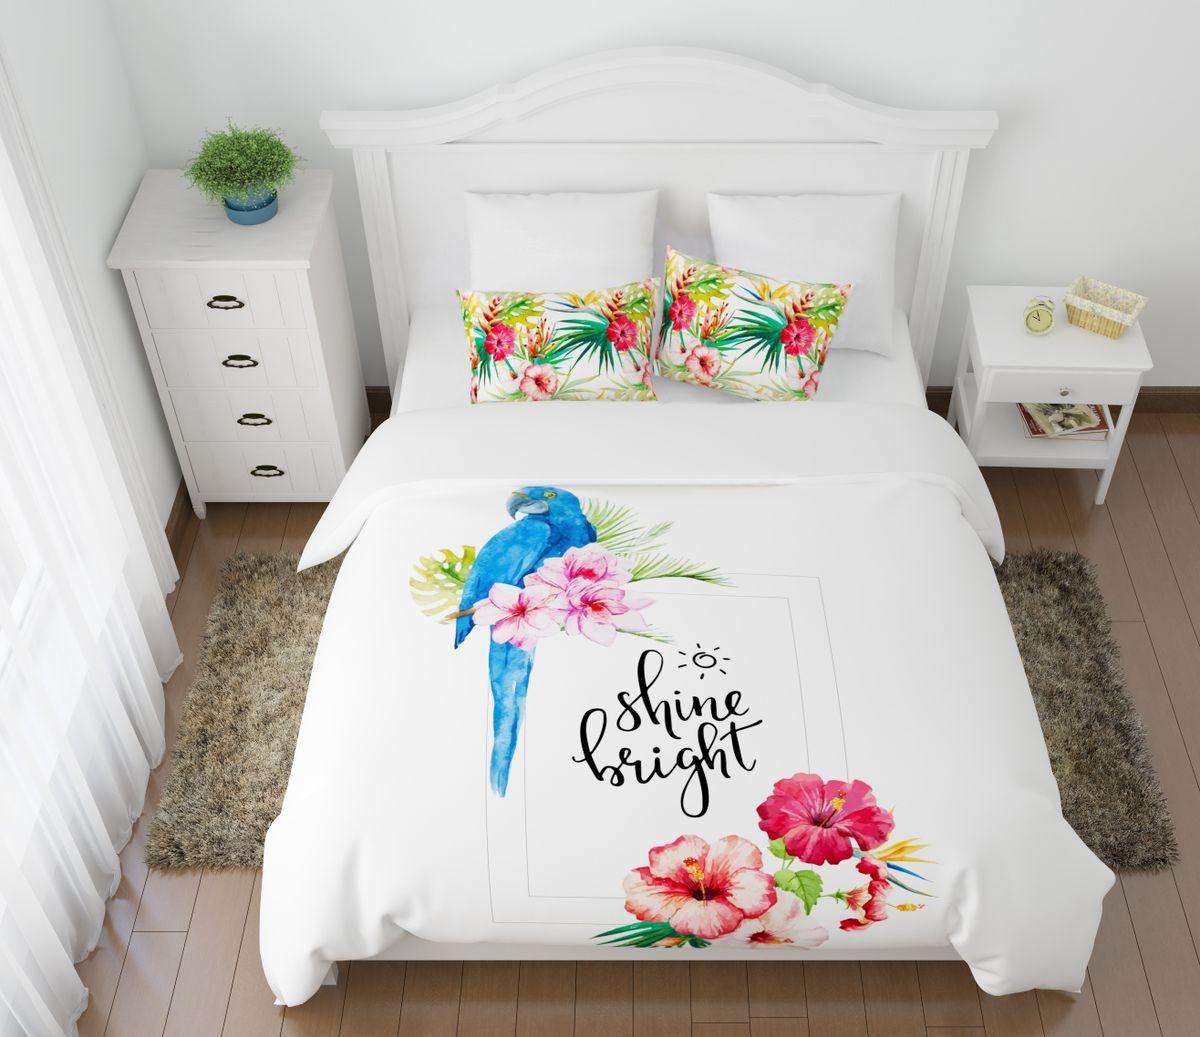 Комплект белья Сирень Голубой попугай, 1,5-спальный, наволочки 50x7008665-КПБ-МКомплект постельного белья Сирень выполнен из прочной и мягкой ткани. Четкий и стильный рисунок в сочетании с насыщенными красками делают комплект постельного белья неповторимой изюминкой любого интерьера. Постельное белье идеально подойдет для подарка. Идеальное соотношение смешенной ткани и гипоаллергенных красок это гарантия здорового, спокойного сна. Ткань хорошо впитывает влагу, надолго сохраняет яркость красок. Цвет простыни, пододеяльника, наволочки в комплектации может немного отличаться от представленного на фото. В комплект входят: простынь - 150х220см; пододельяник 145х210 см; наволочка - 50х70х2шт. Постельное белье легко стирать при 30-40 градусах, гладить при 150 градусах, не отбеливать.Рекомендуется перед первым изпользованием постирать.